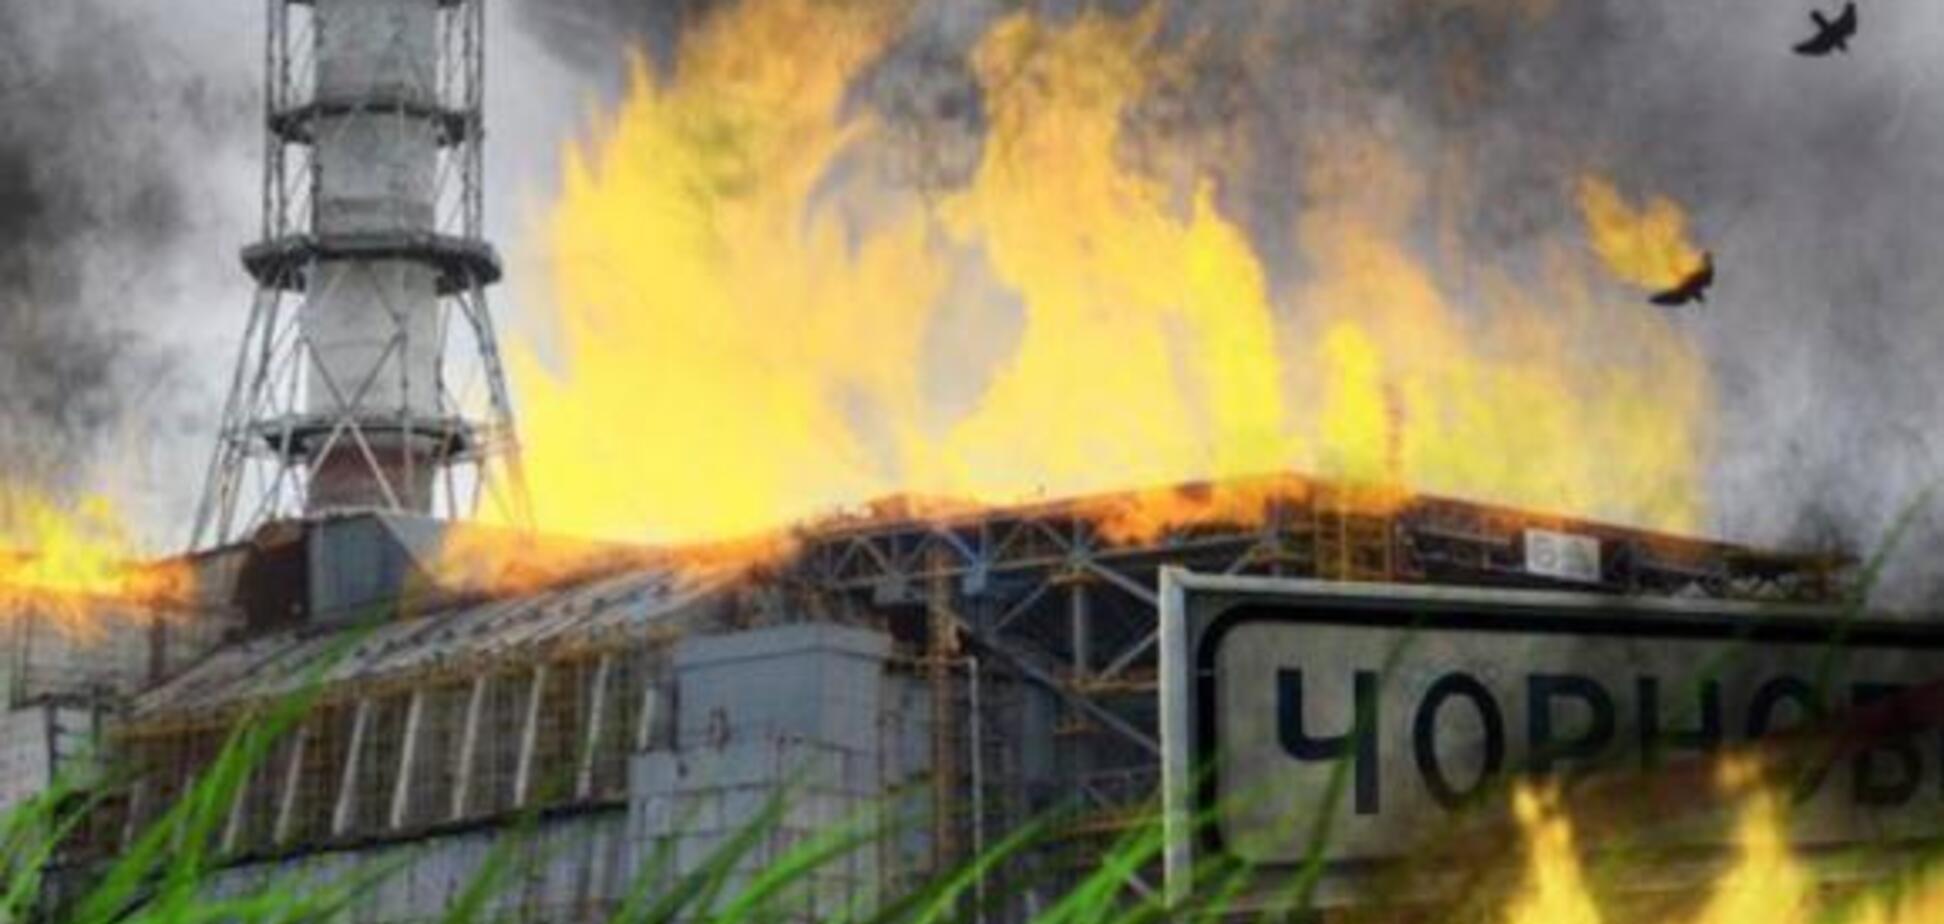 32 роки катастрофи на ЧАЕС: в Україні згадують трагедію в Чорнобилі